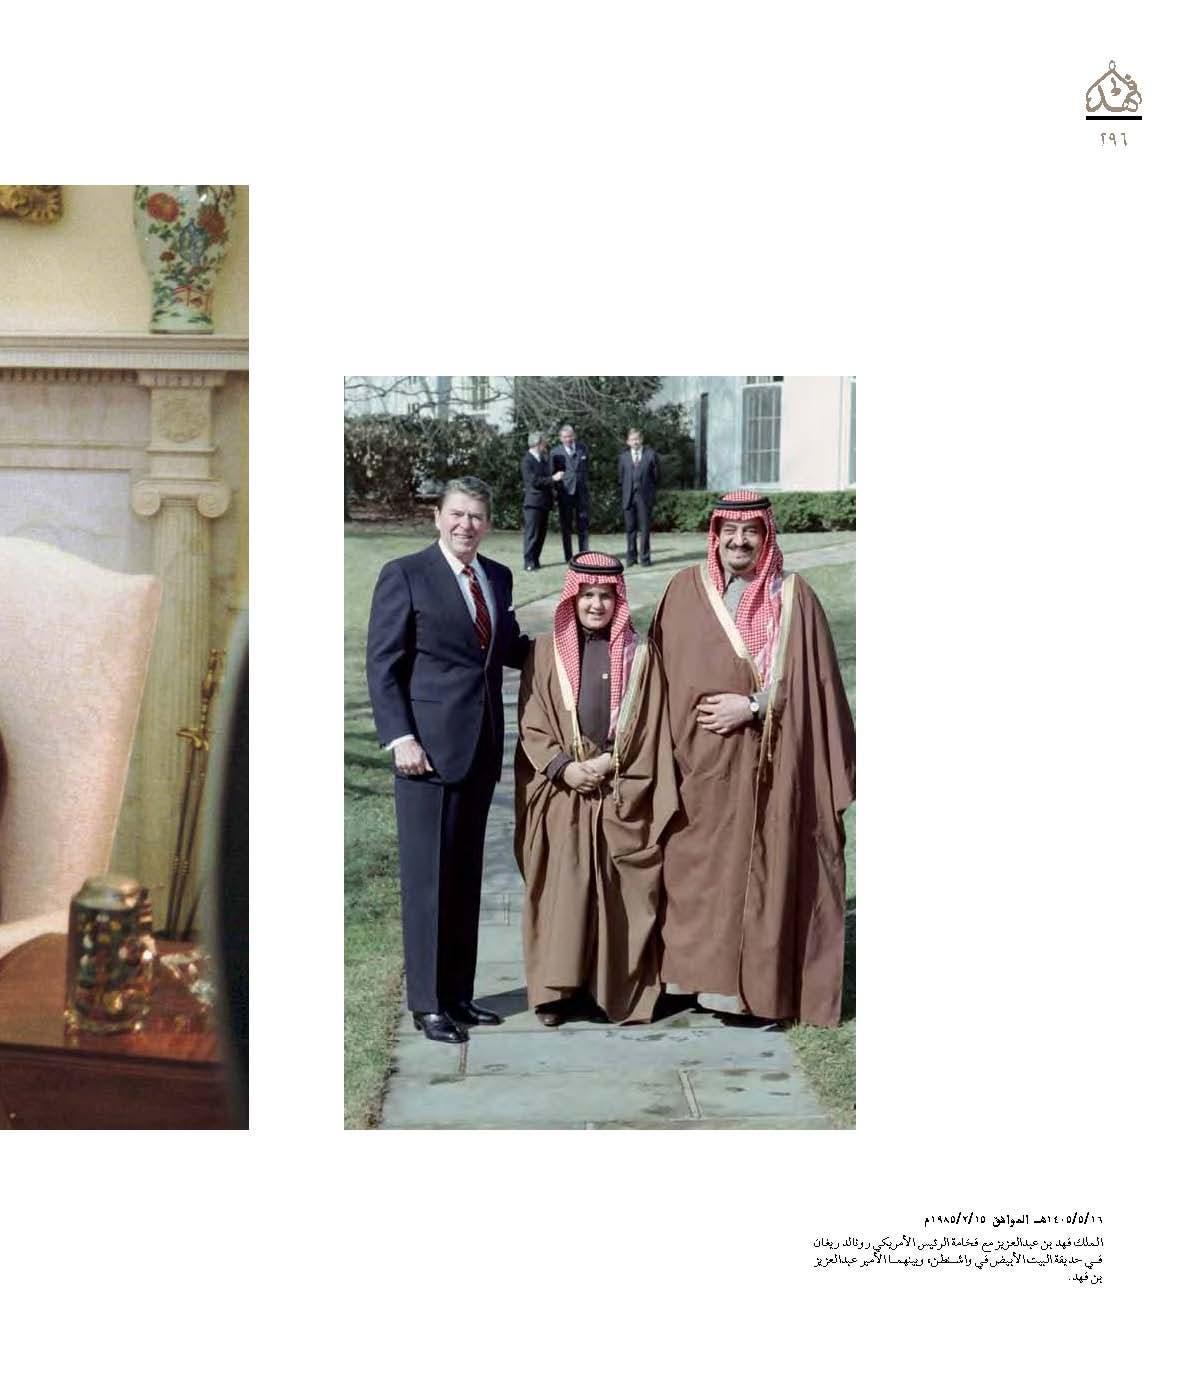 """صور نادرة للملك فهد في """"كتاب"""" 4ee250a9-fc66-4f6a-adb5-1d3164495096"""